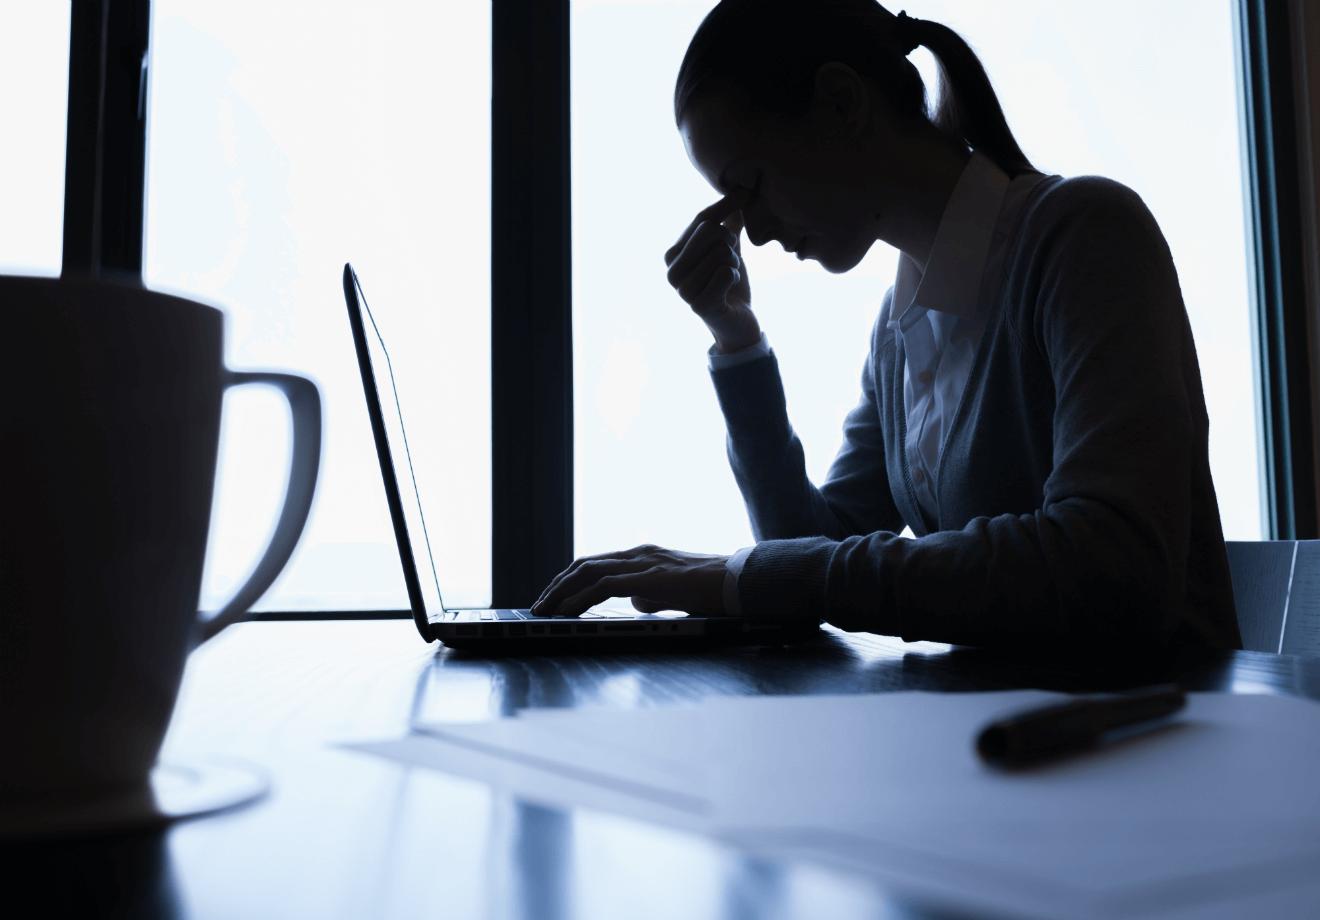 depressed woman working on laptop coffee mug